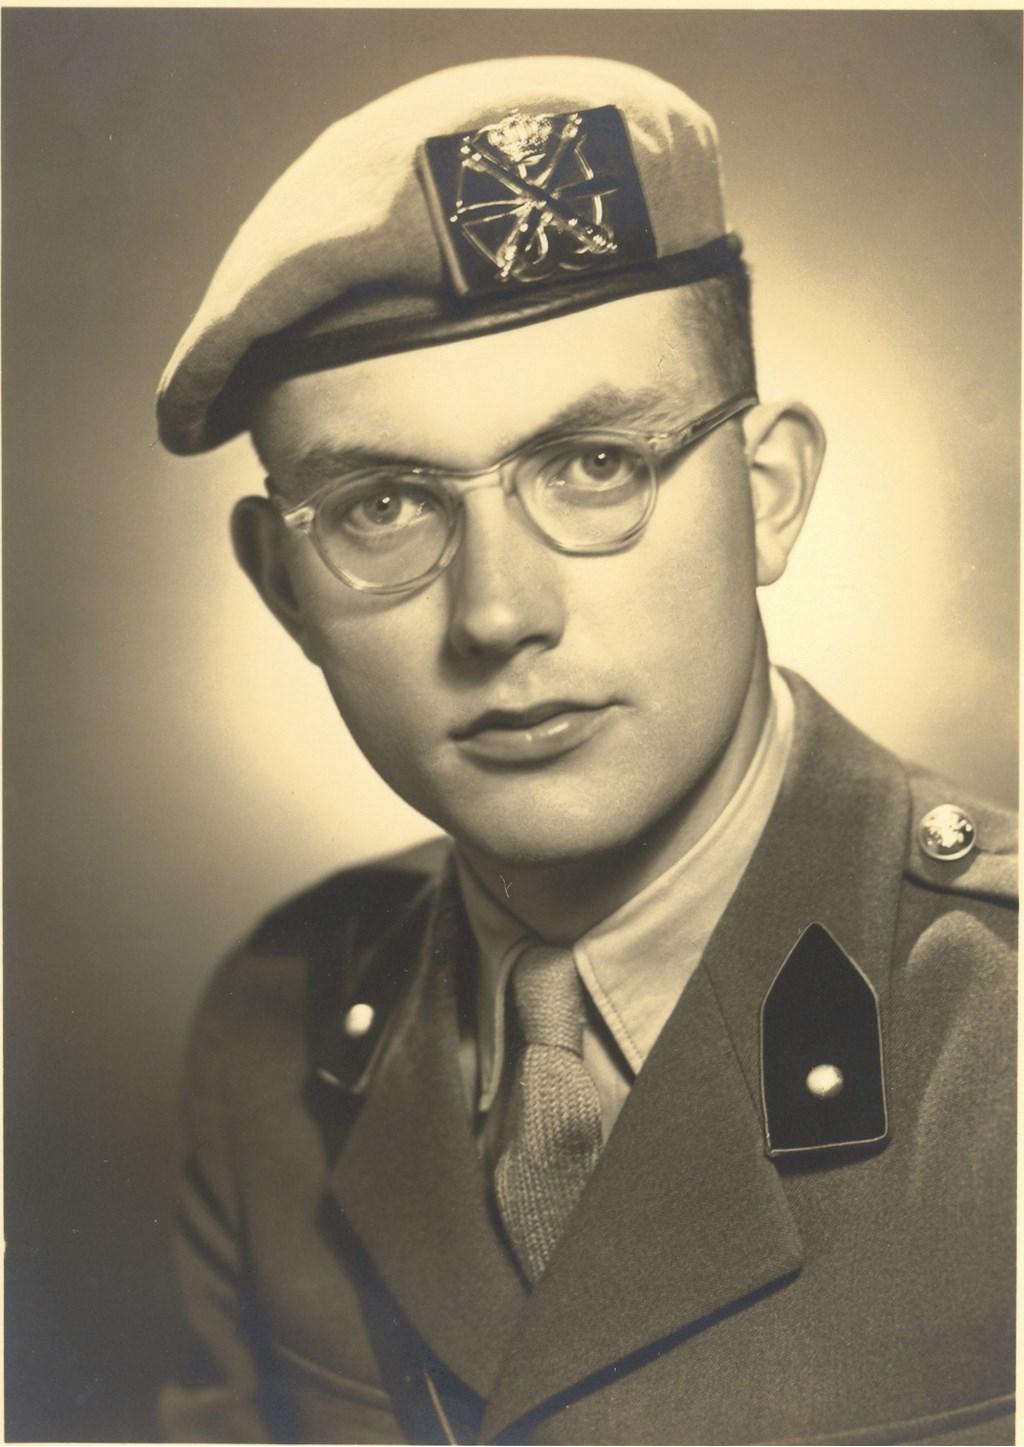 De 22-jarige Willem Passenier was in het weekeinde van zondag 1 februari 1953 met verlof bij zijn ouders op de Noordweg in Sint Laurens. FOTO: PR